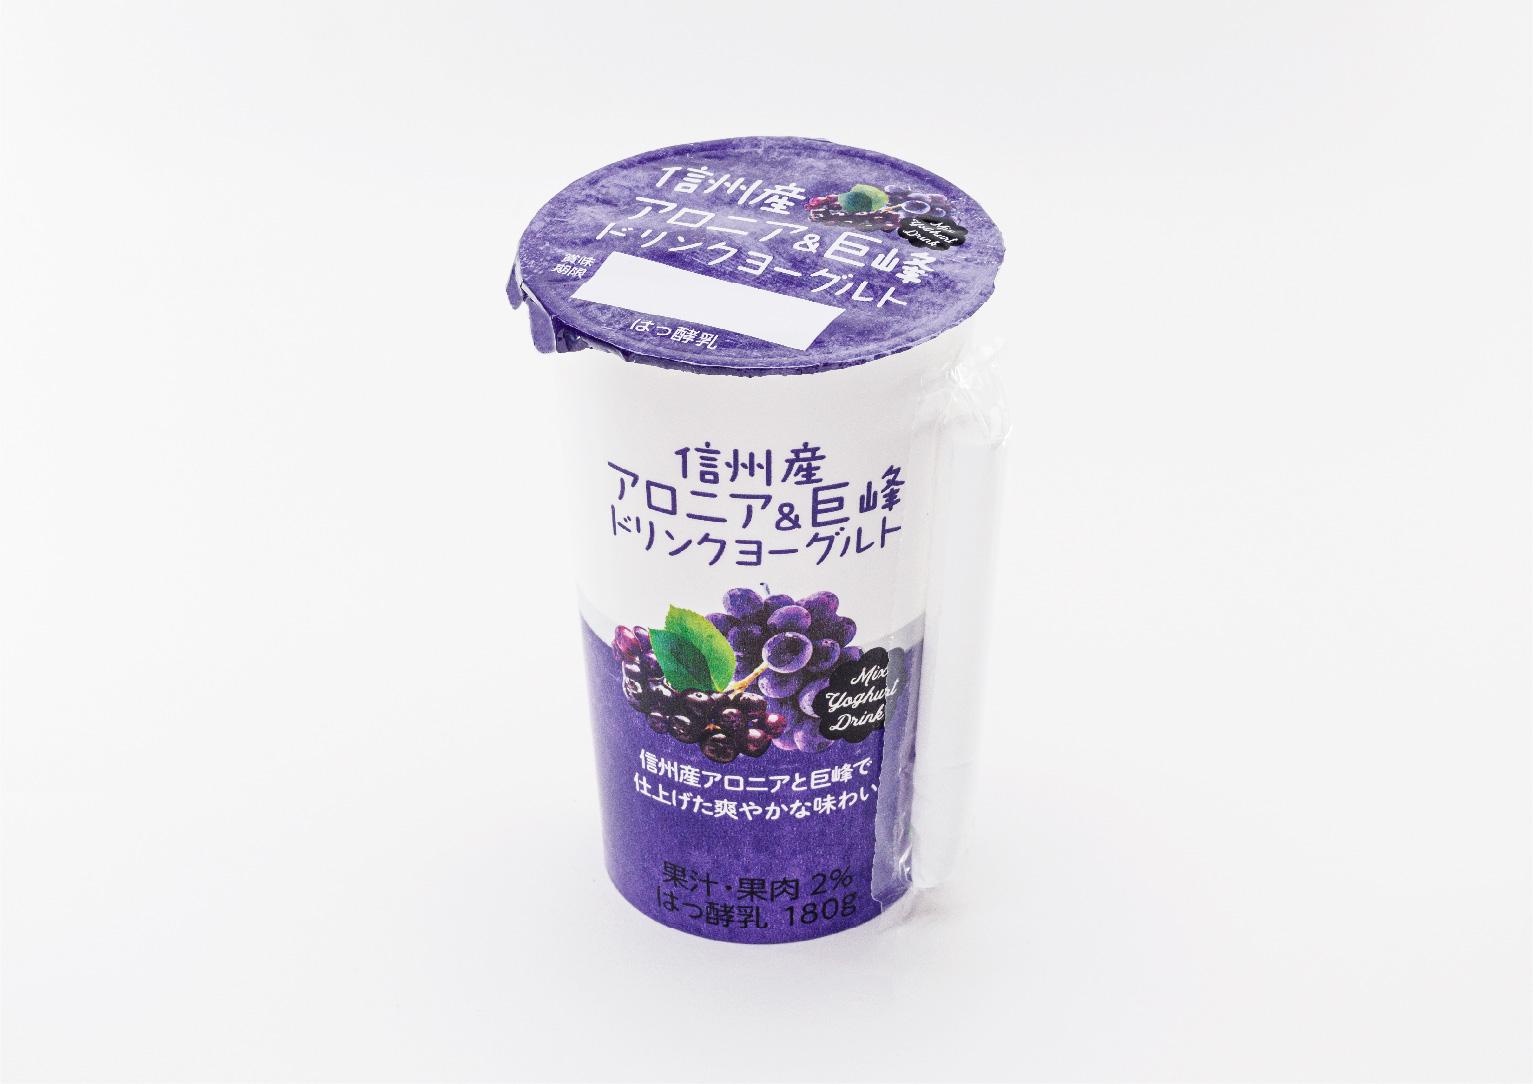 長野県農協直販株式会社様 メインイメージ